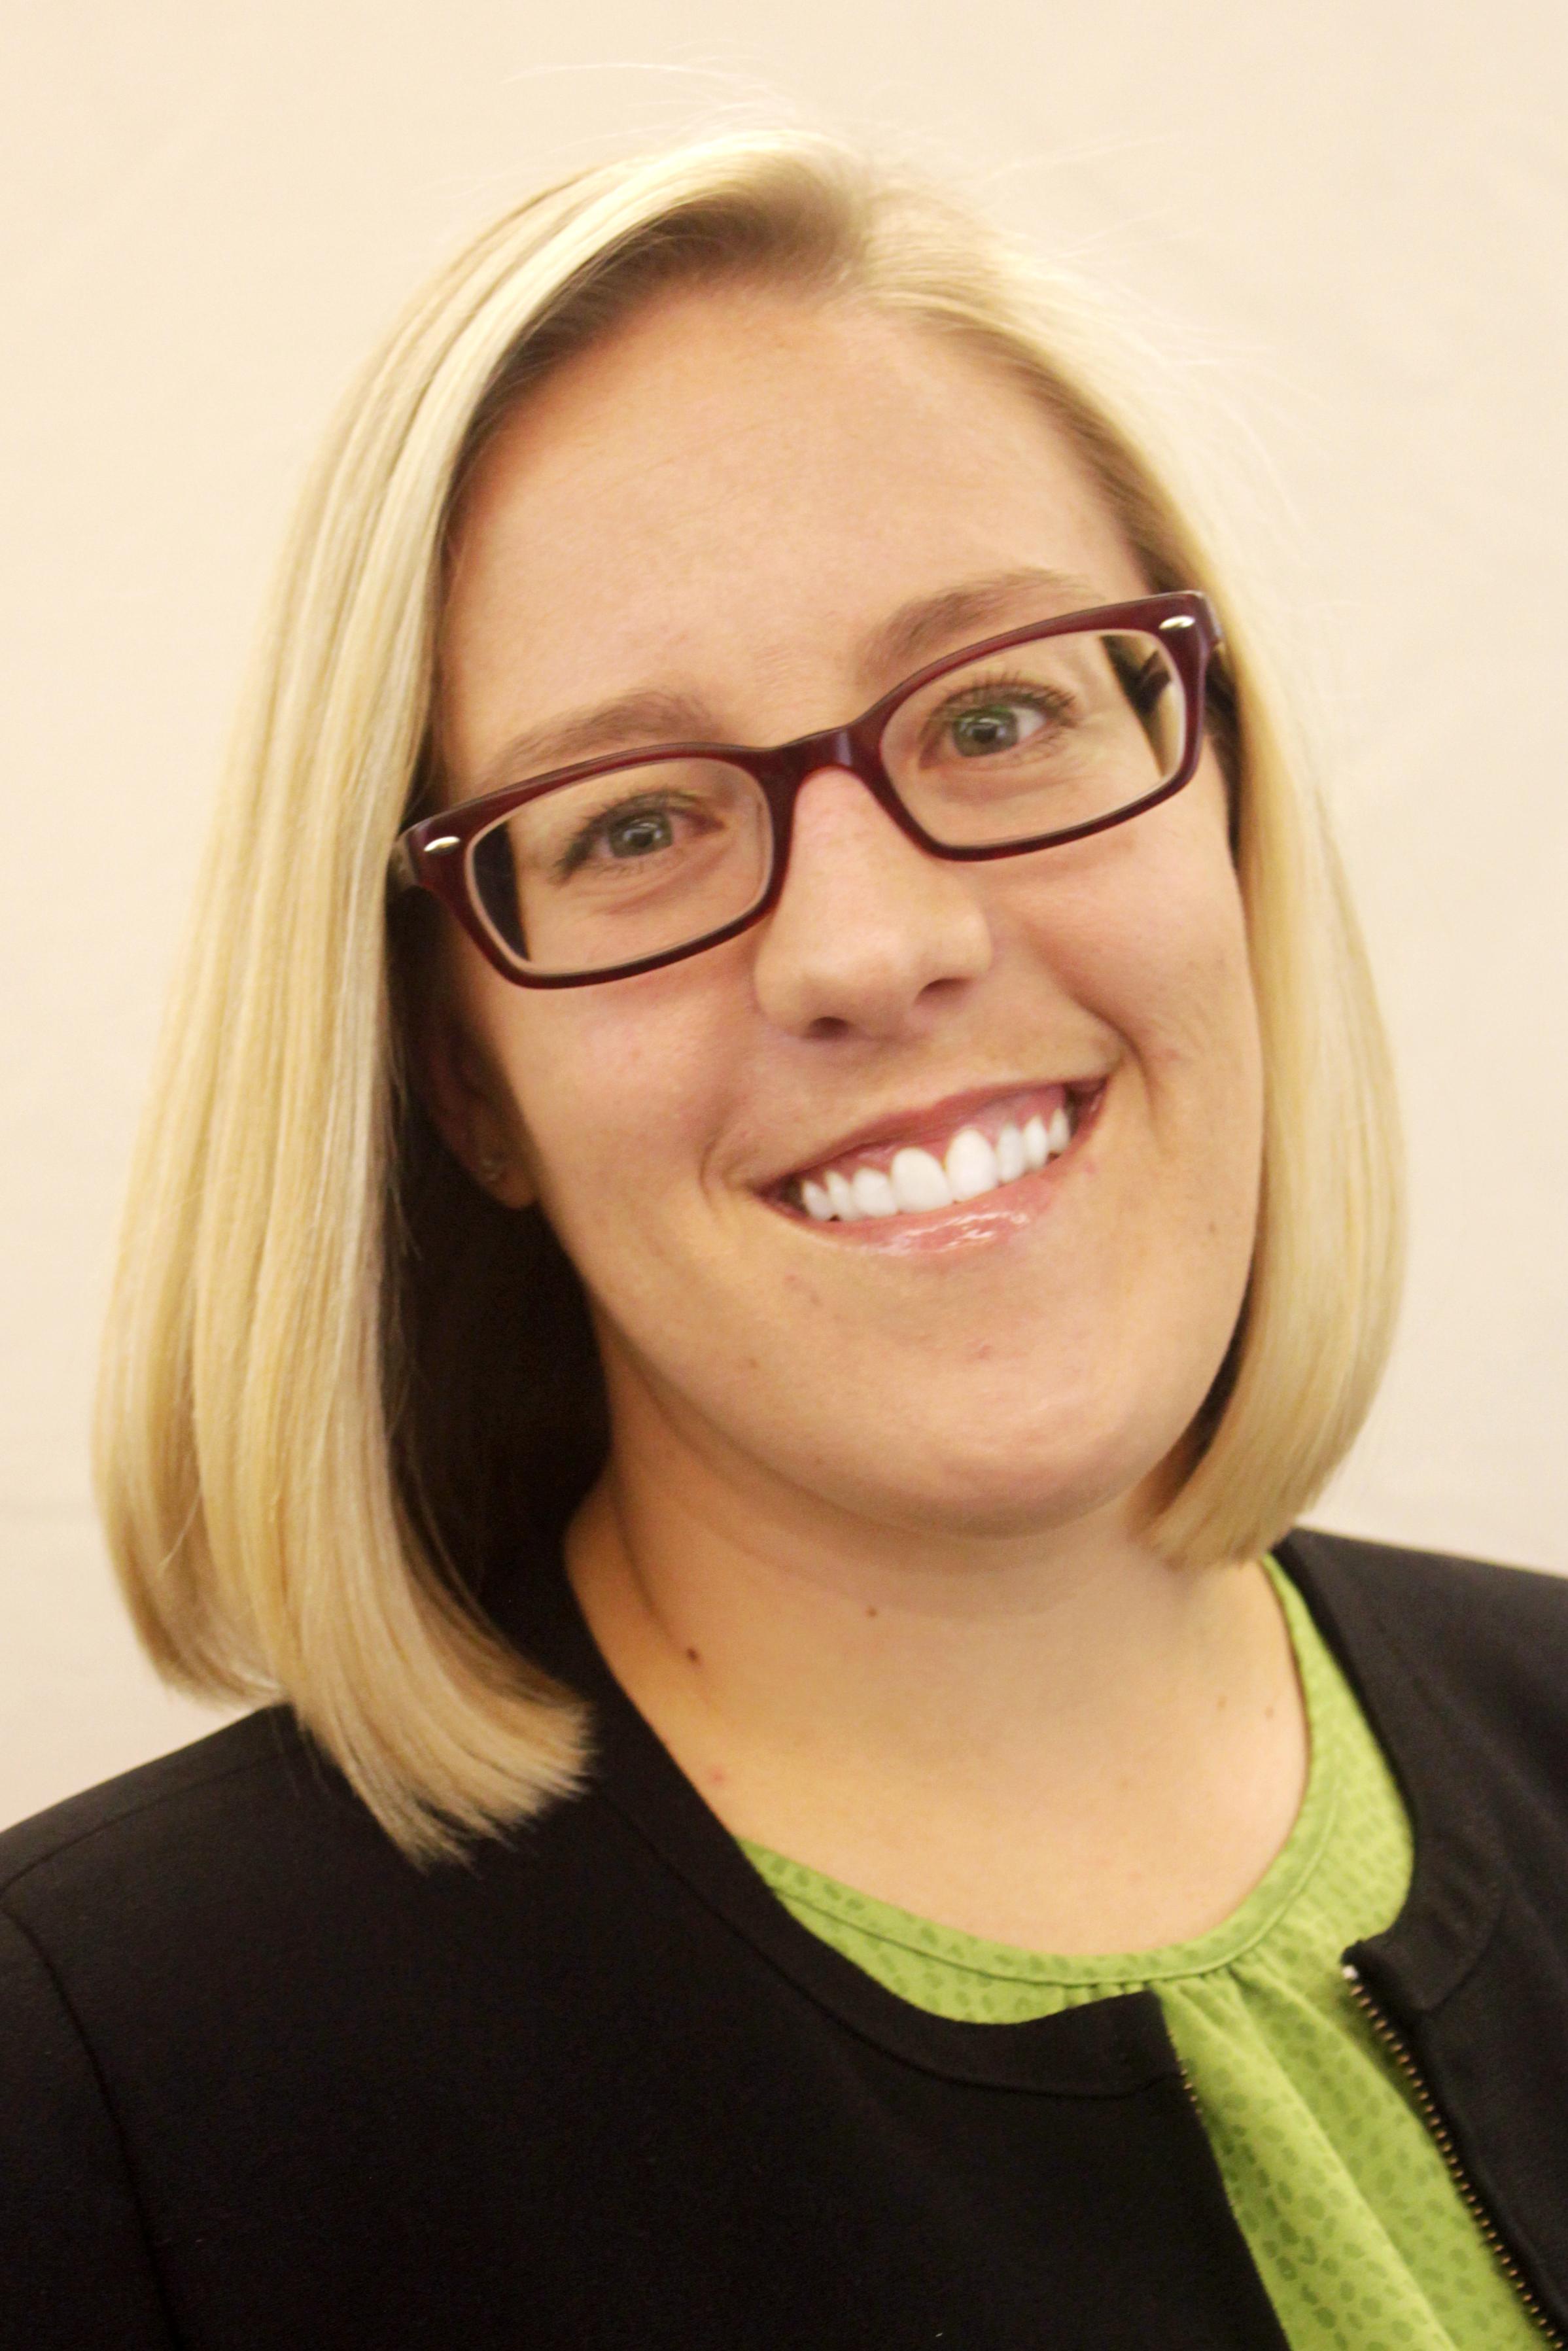 Cherissa Alldredge